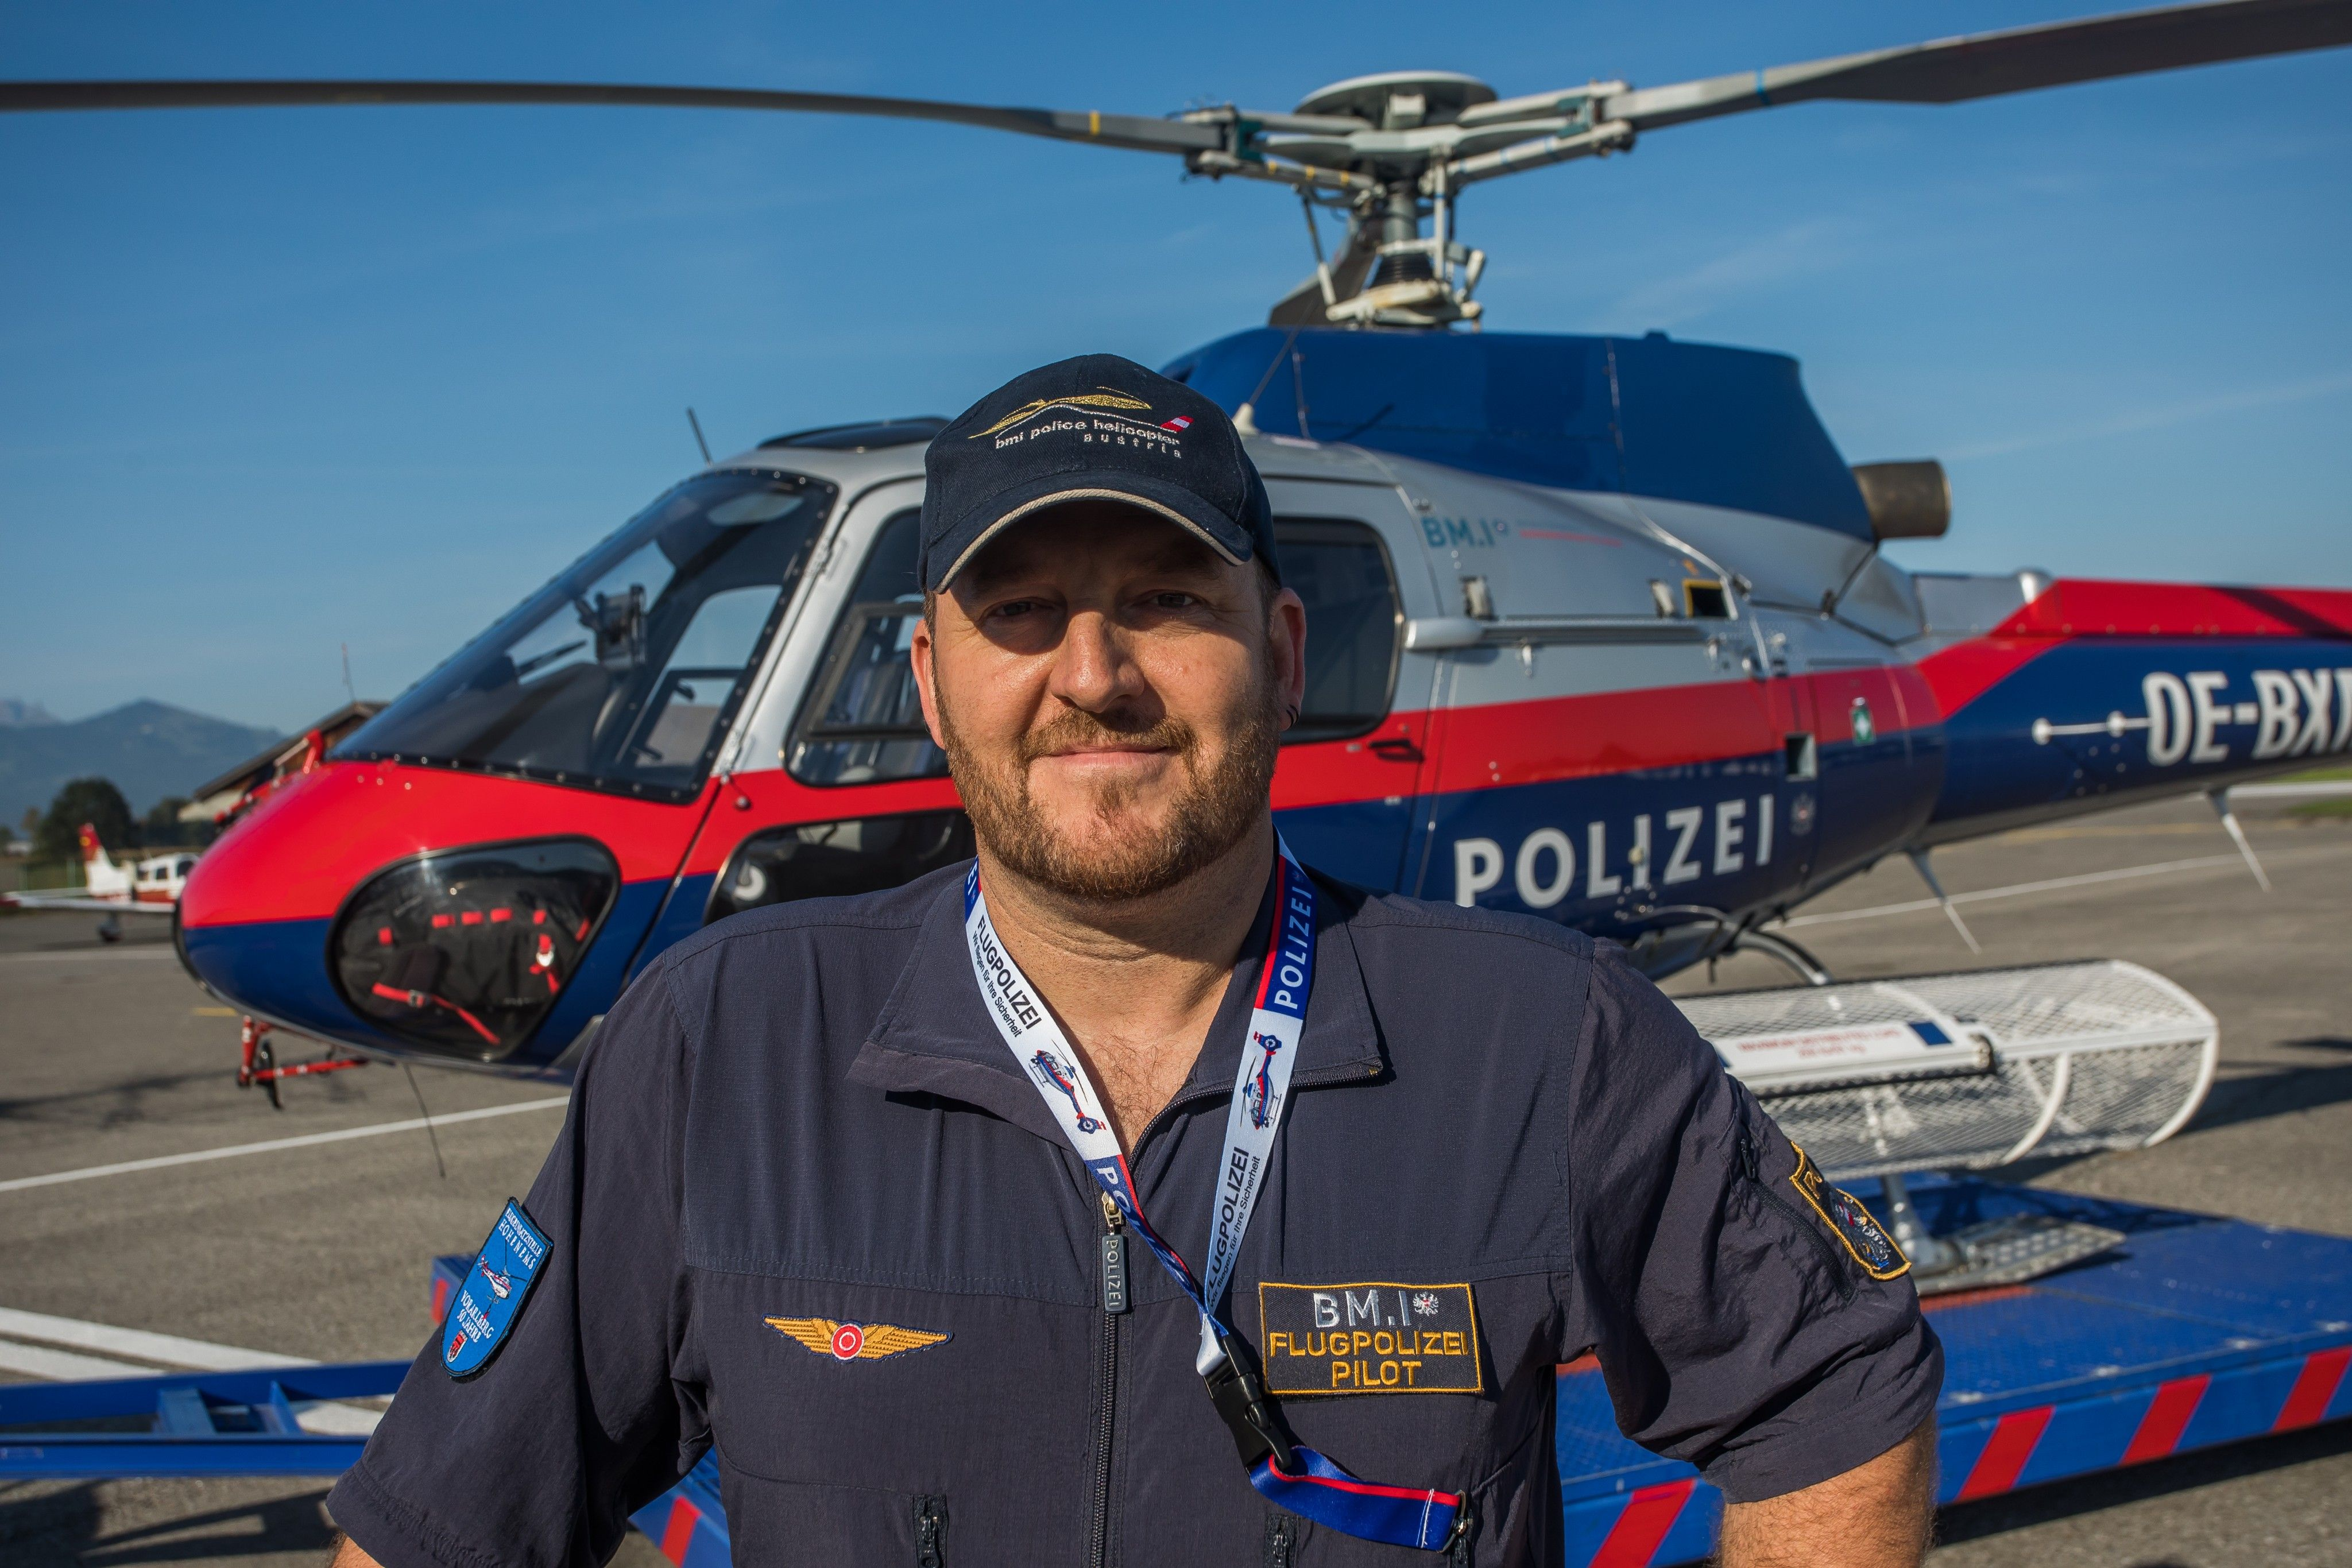 Überwachungsvideo: So ging das Einbrecherduo am Flugplatz Hohenems vor